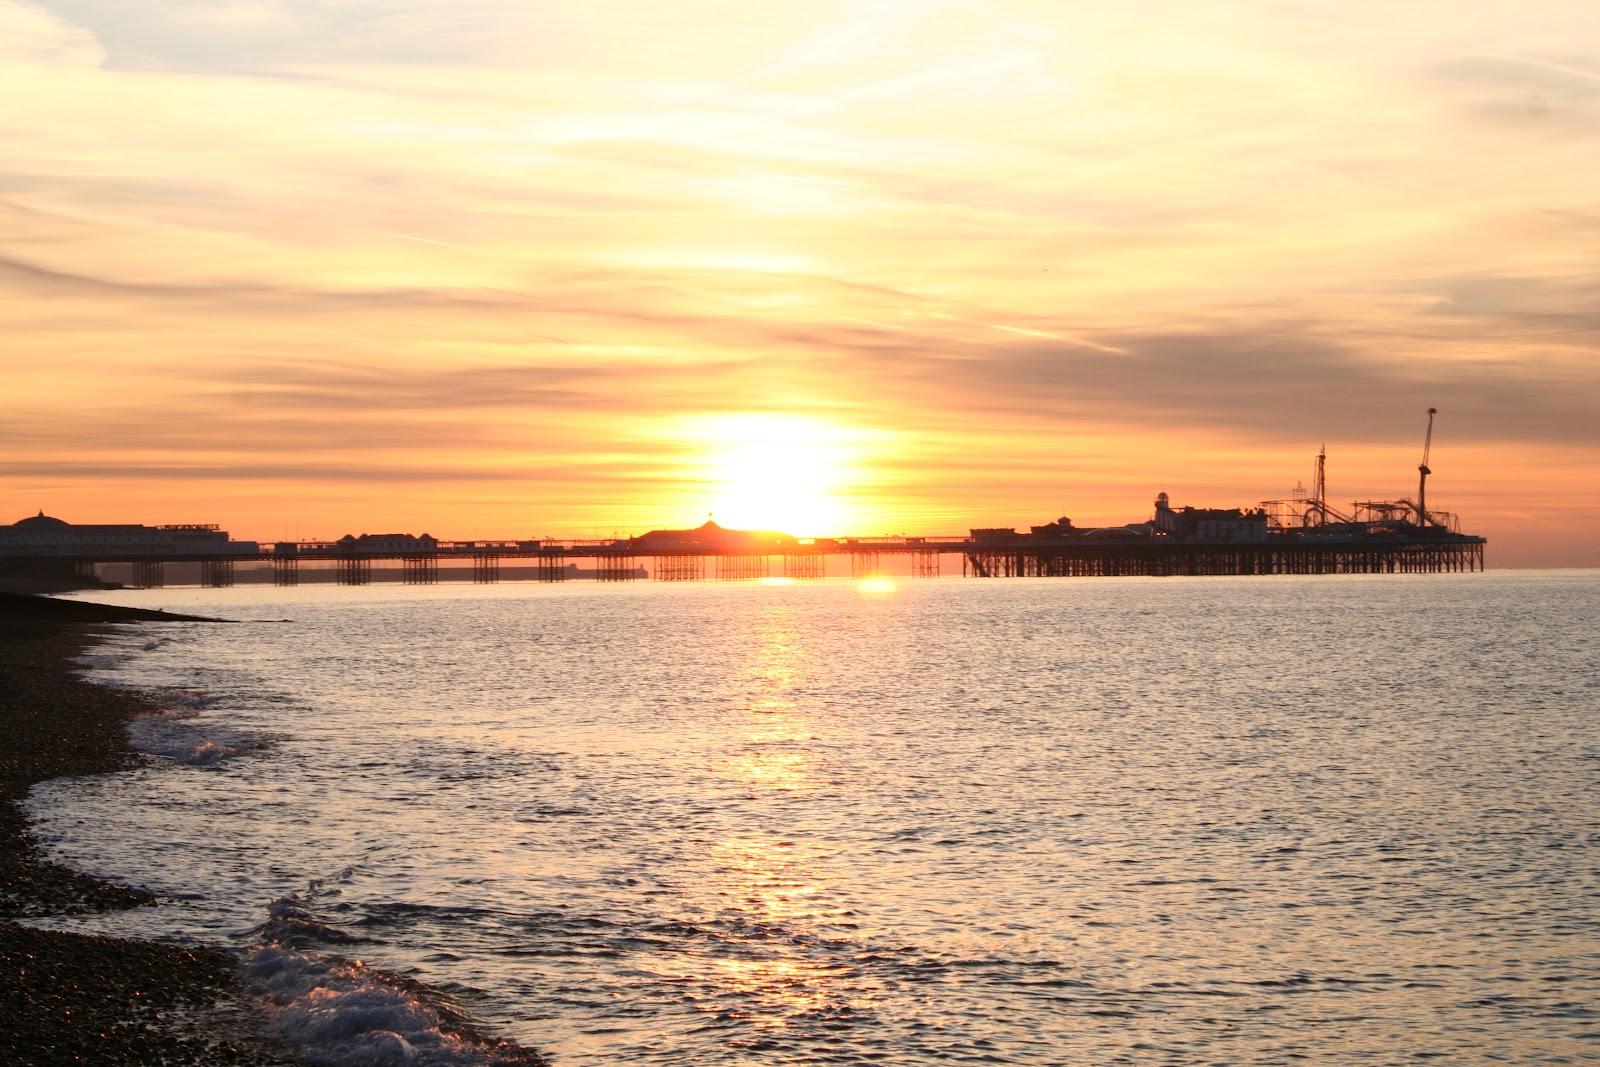 http://3.bp.blogspot.com/-WA2chM4n9LA/T0bHWkp9DMI/AAAAAAAAHMU/f0ldnUIp5BQ/s1600/Brighton+Sunrise+020.jpg